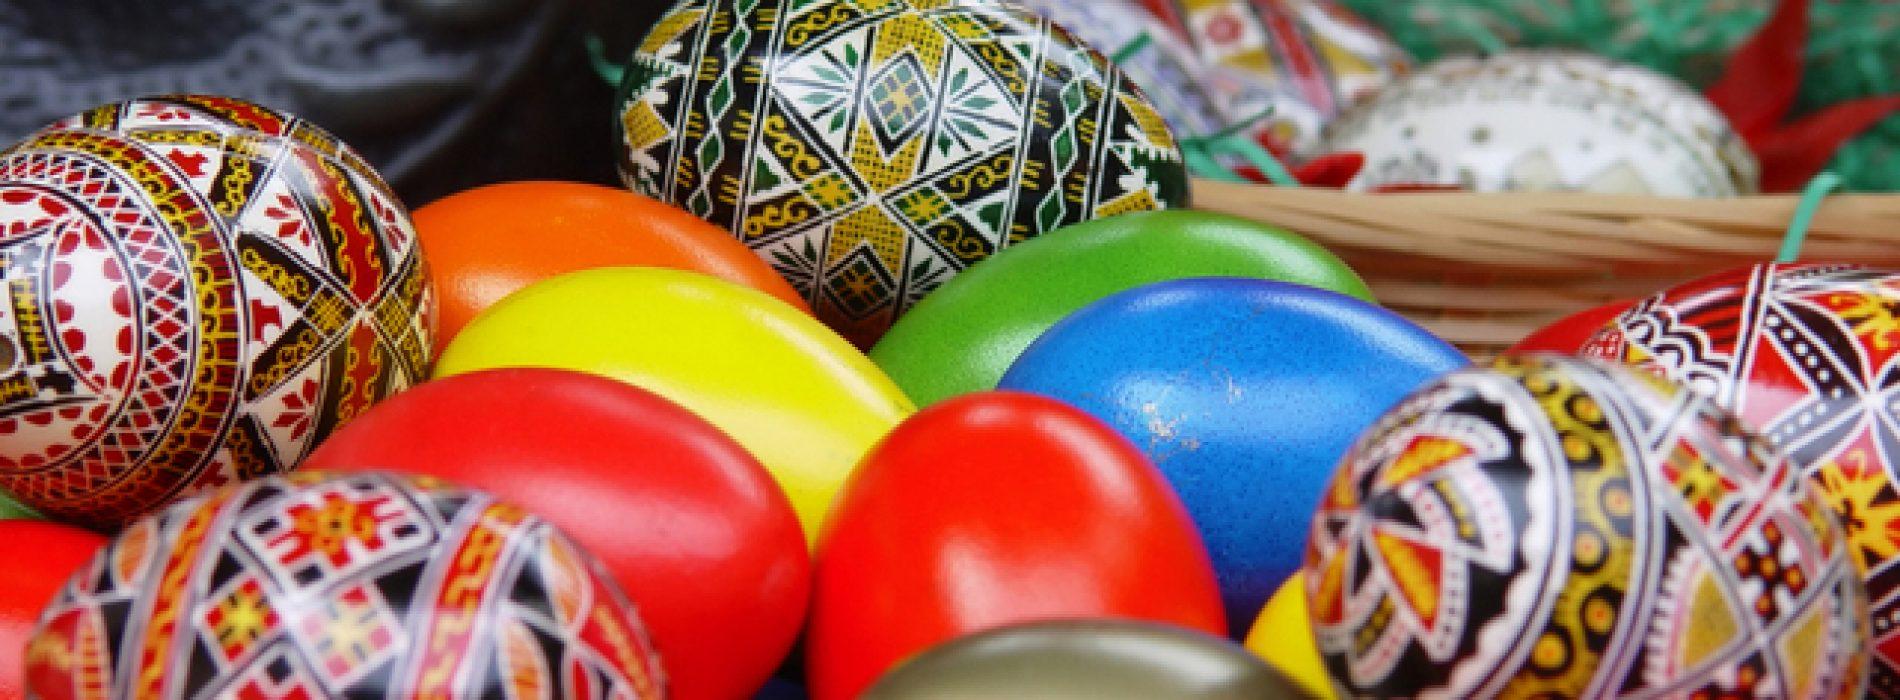 Prier aduce Paștele, cea mai mare sărbătoare a Creștinătății